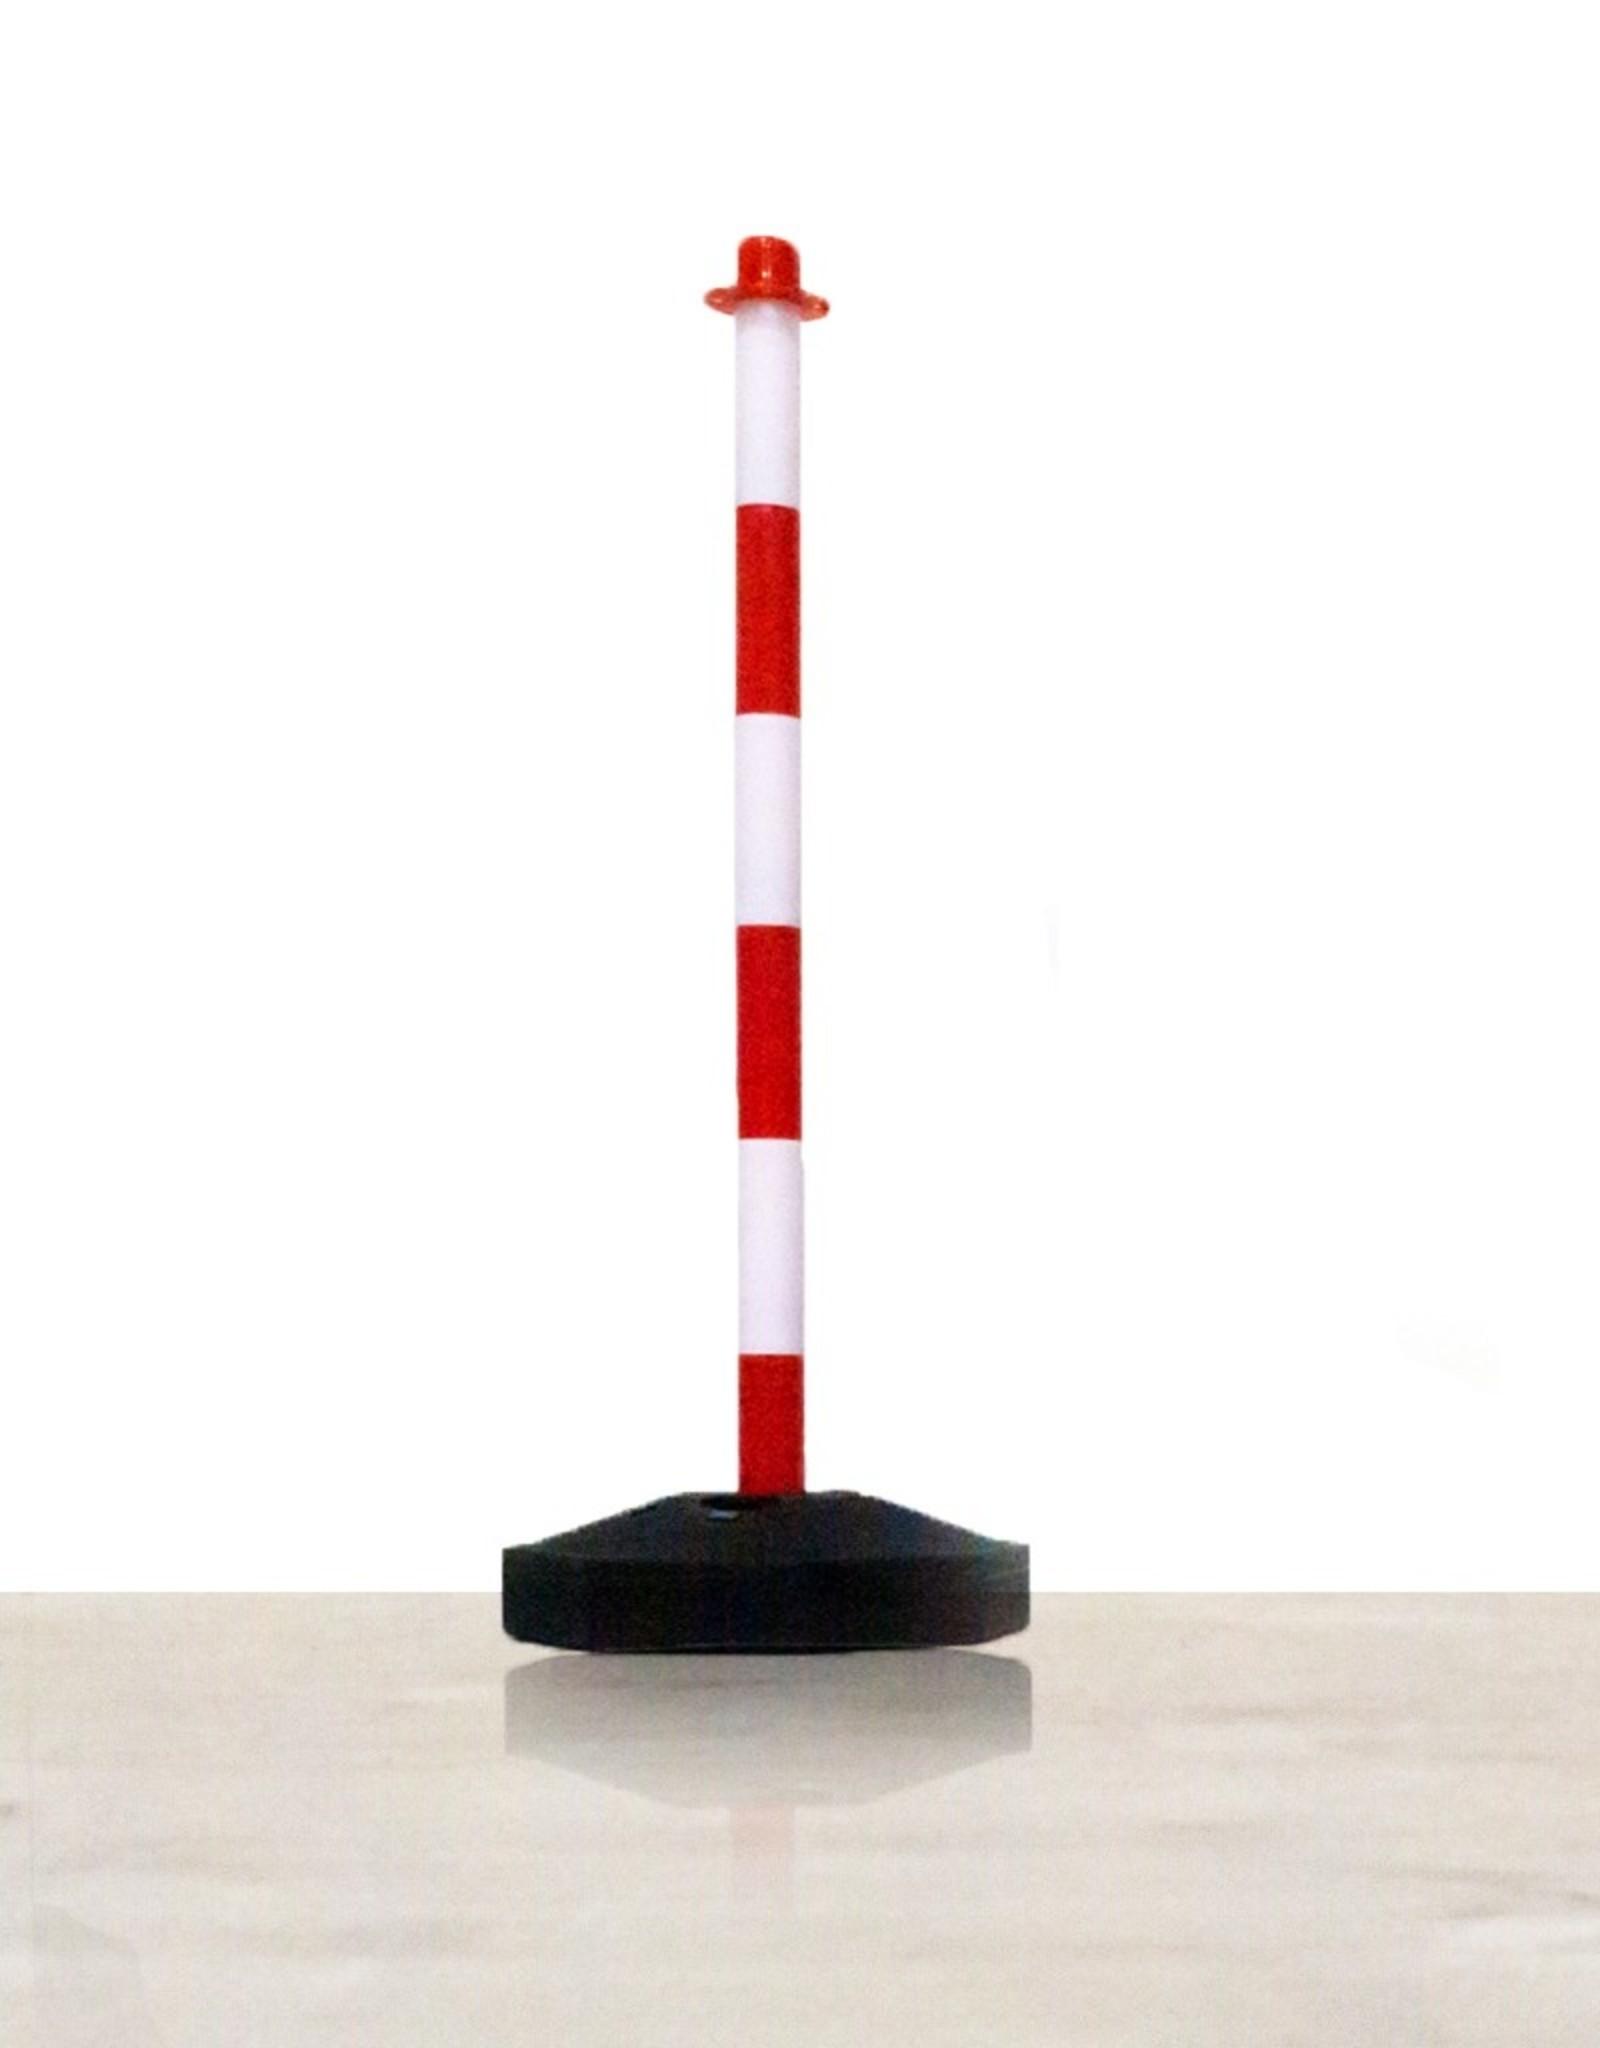 Ri-Traffic | Goedkope Kettingpaal Rood Wit met op te vullen Voet